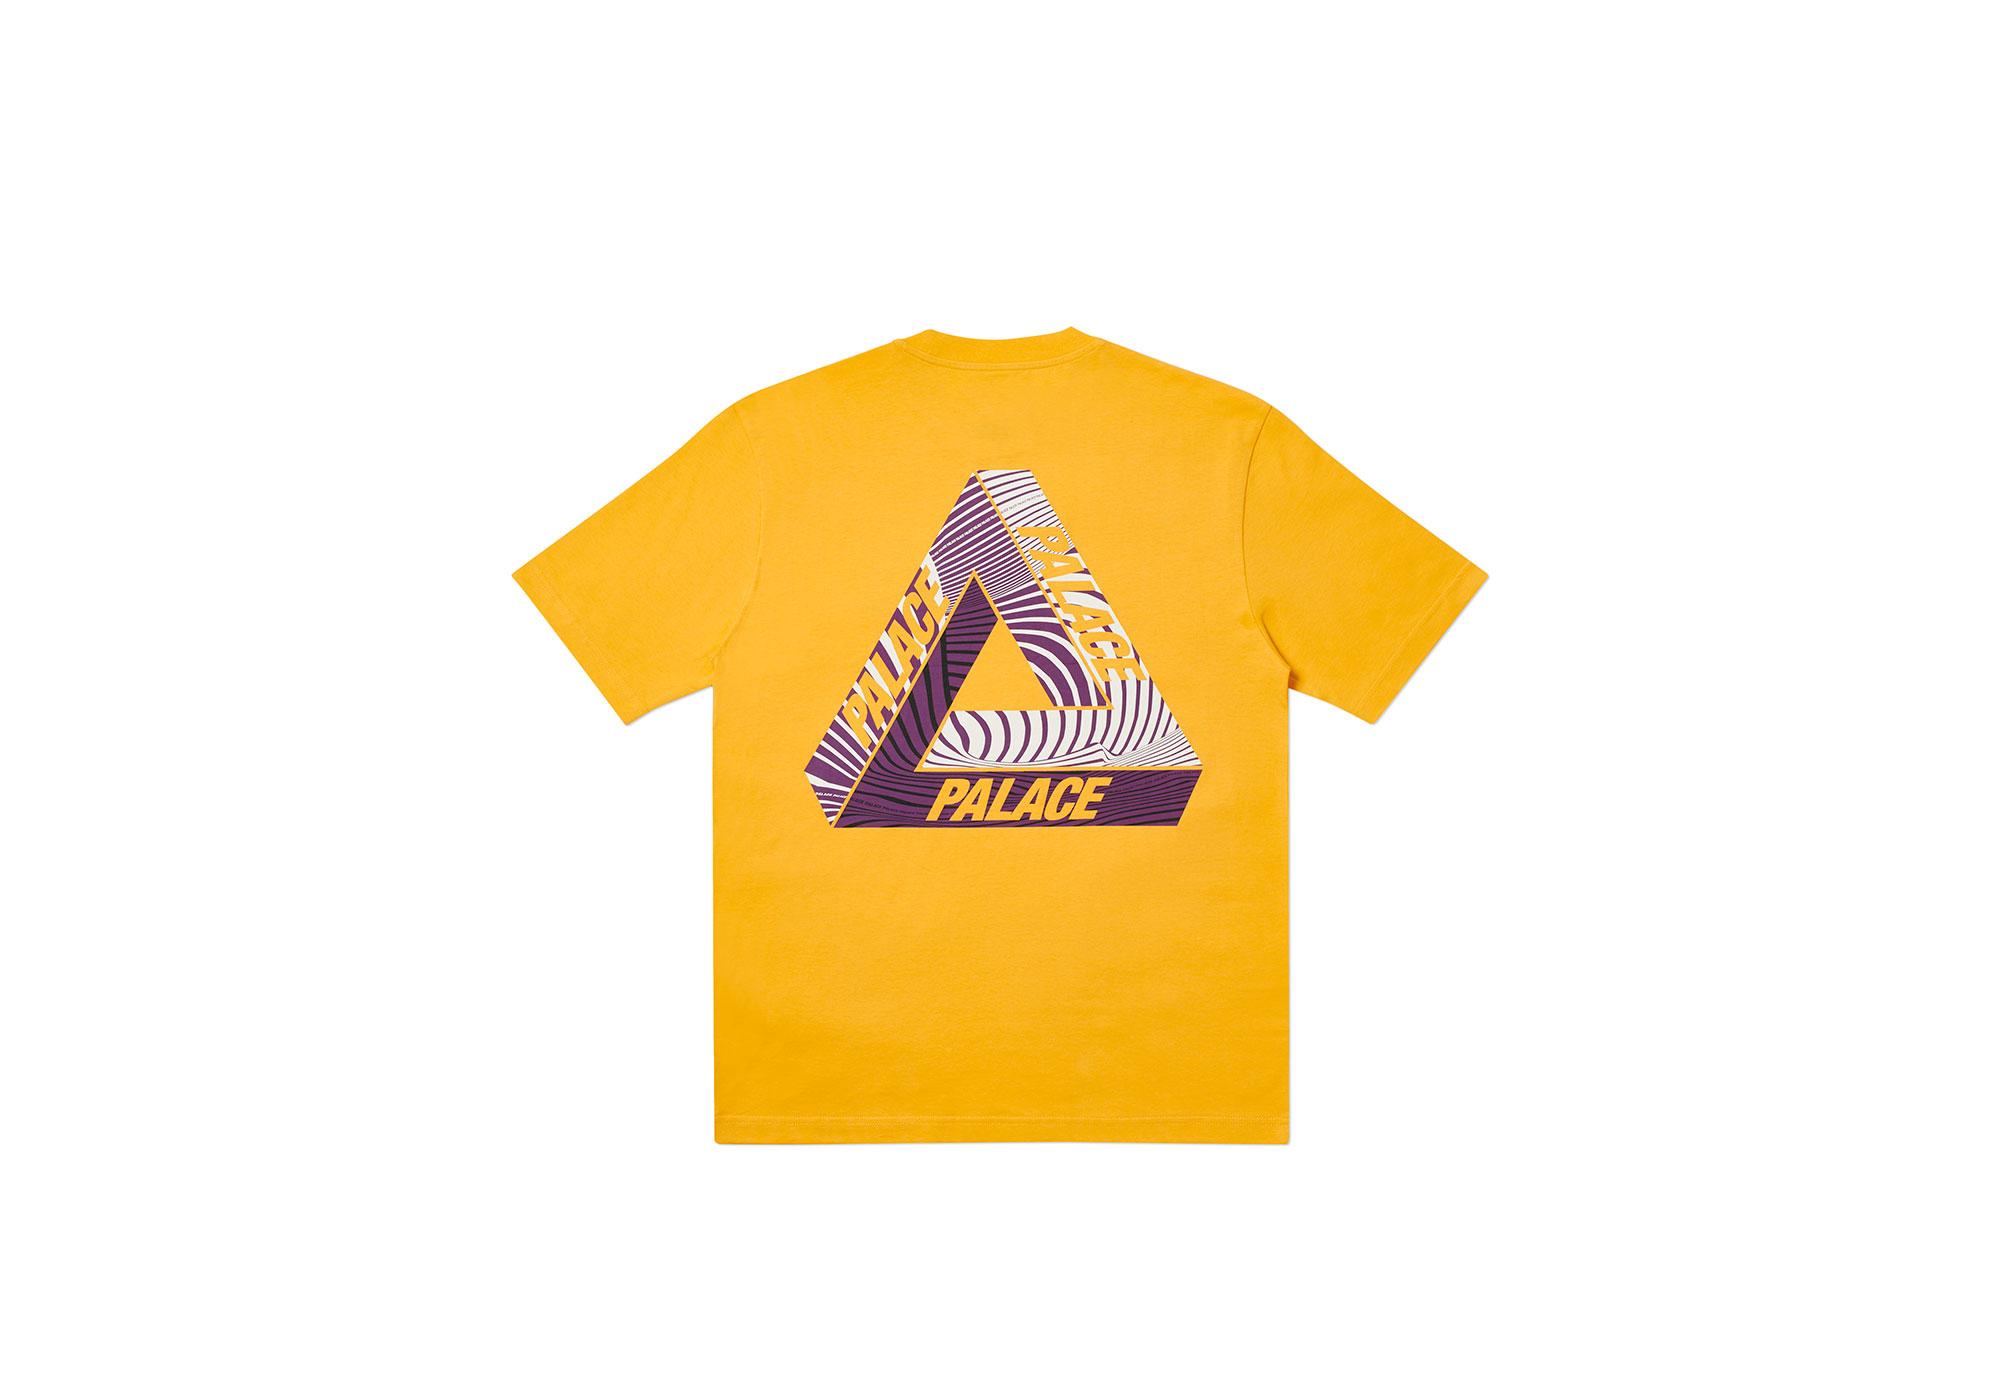 渦模様のTri-Fergロゴをプリント PALACE SKATEBOARDS限定Tシャツ発売